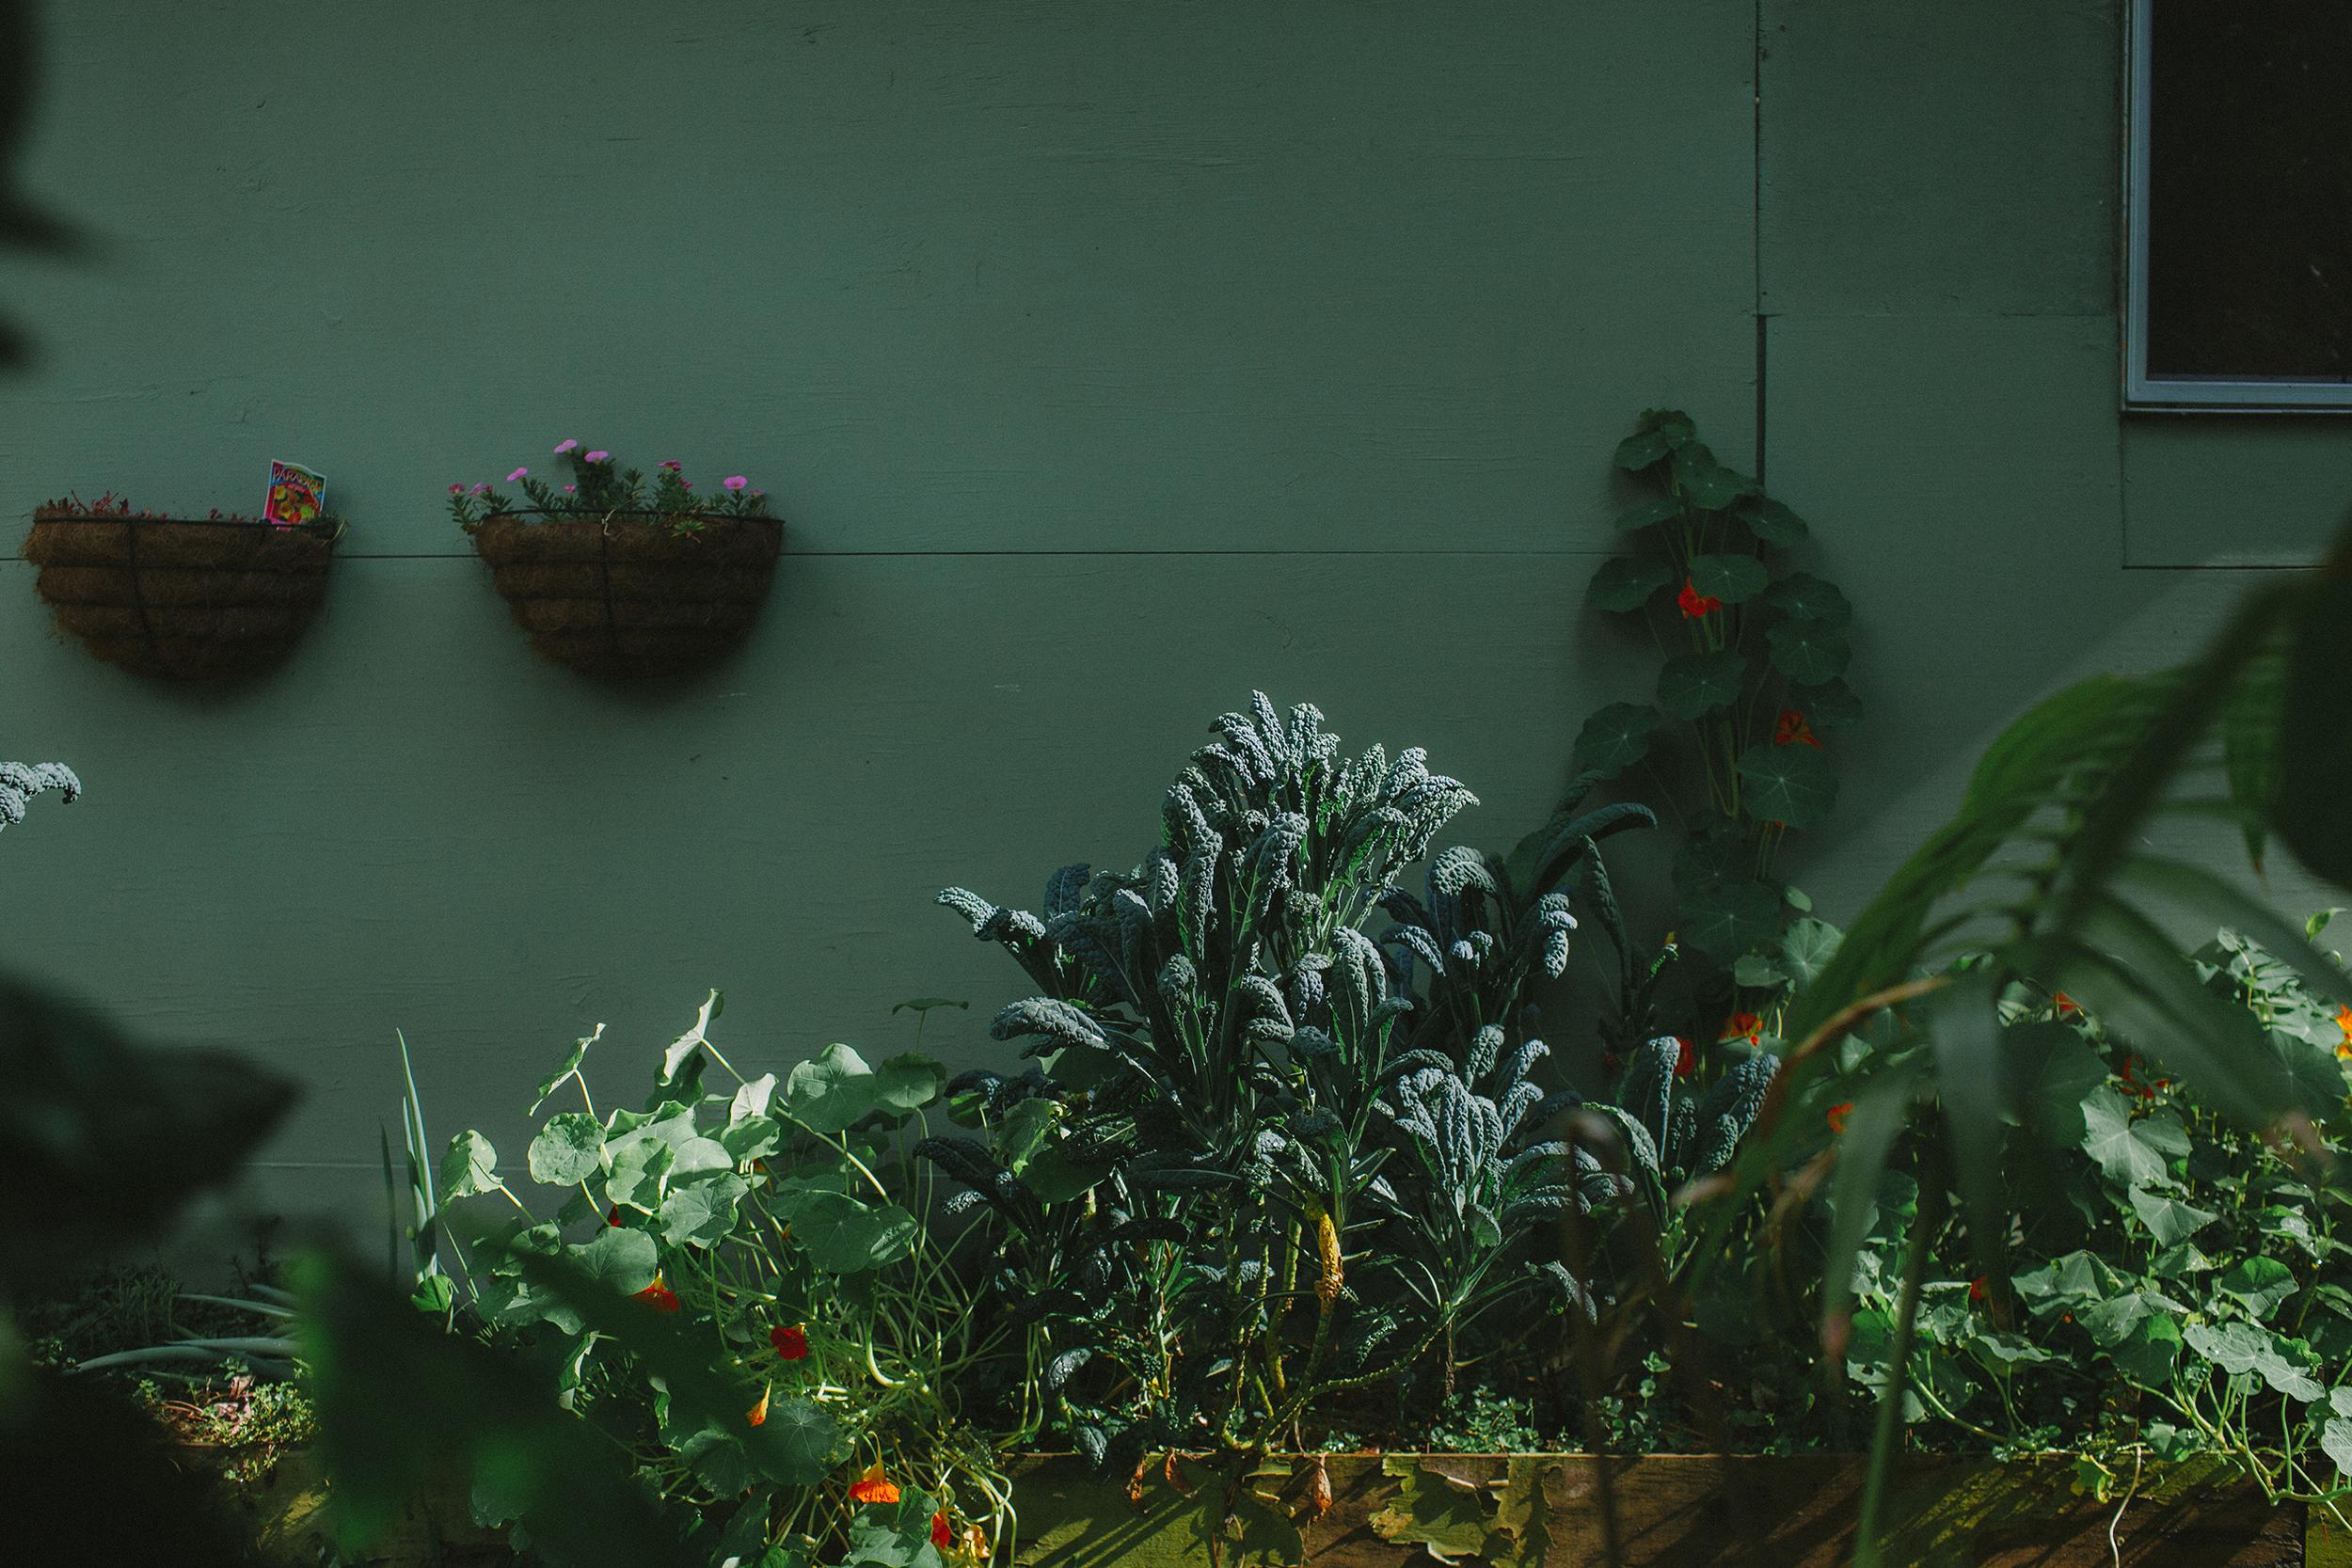 rainforest photos for print-4.jpg